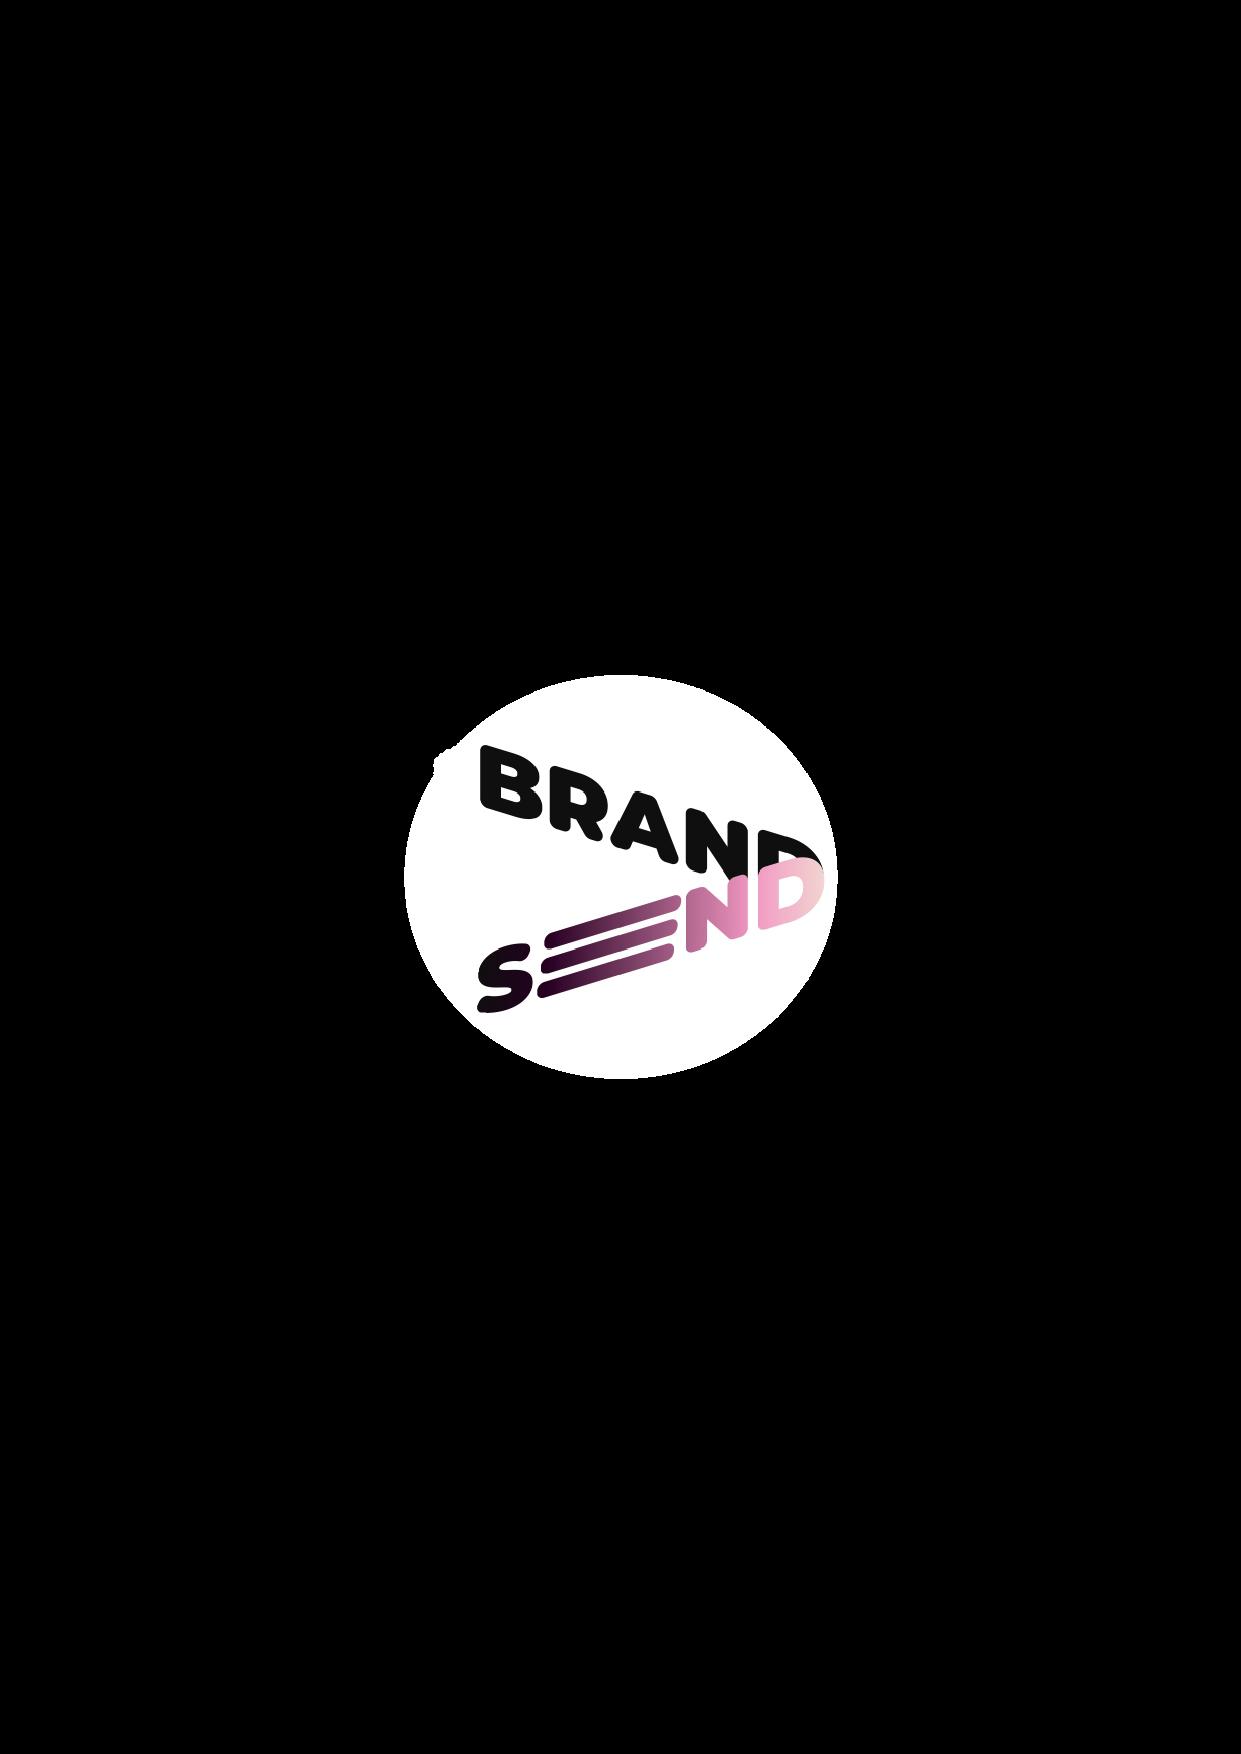 Brand Send